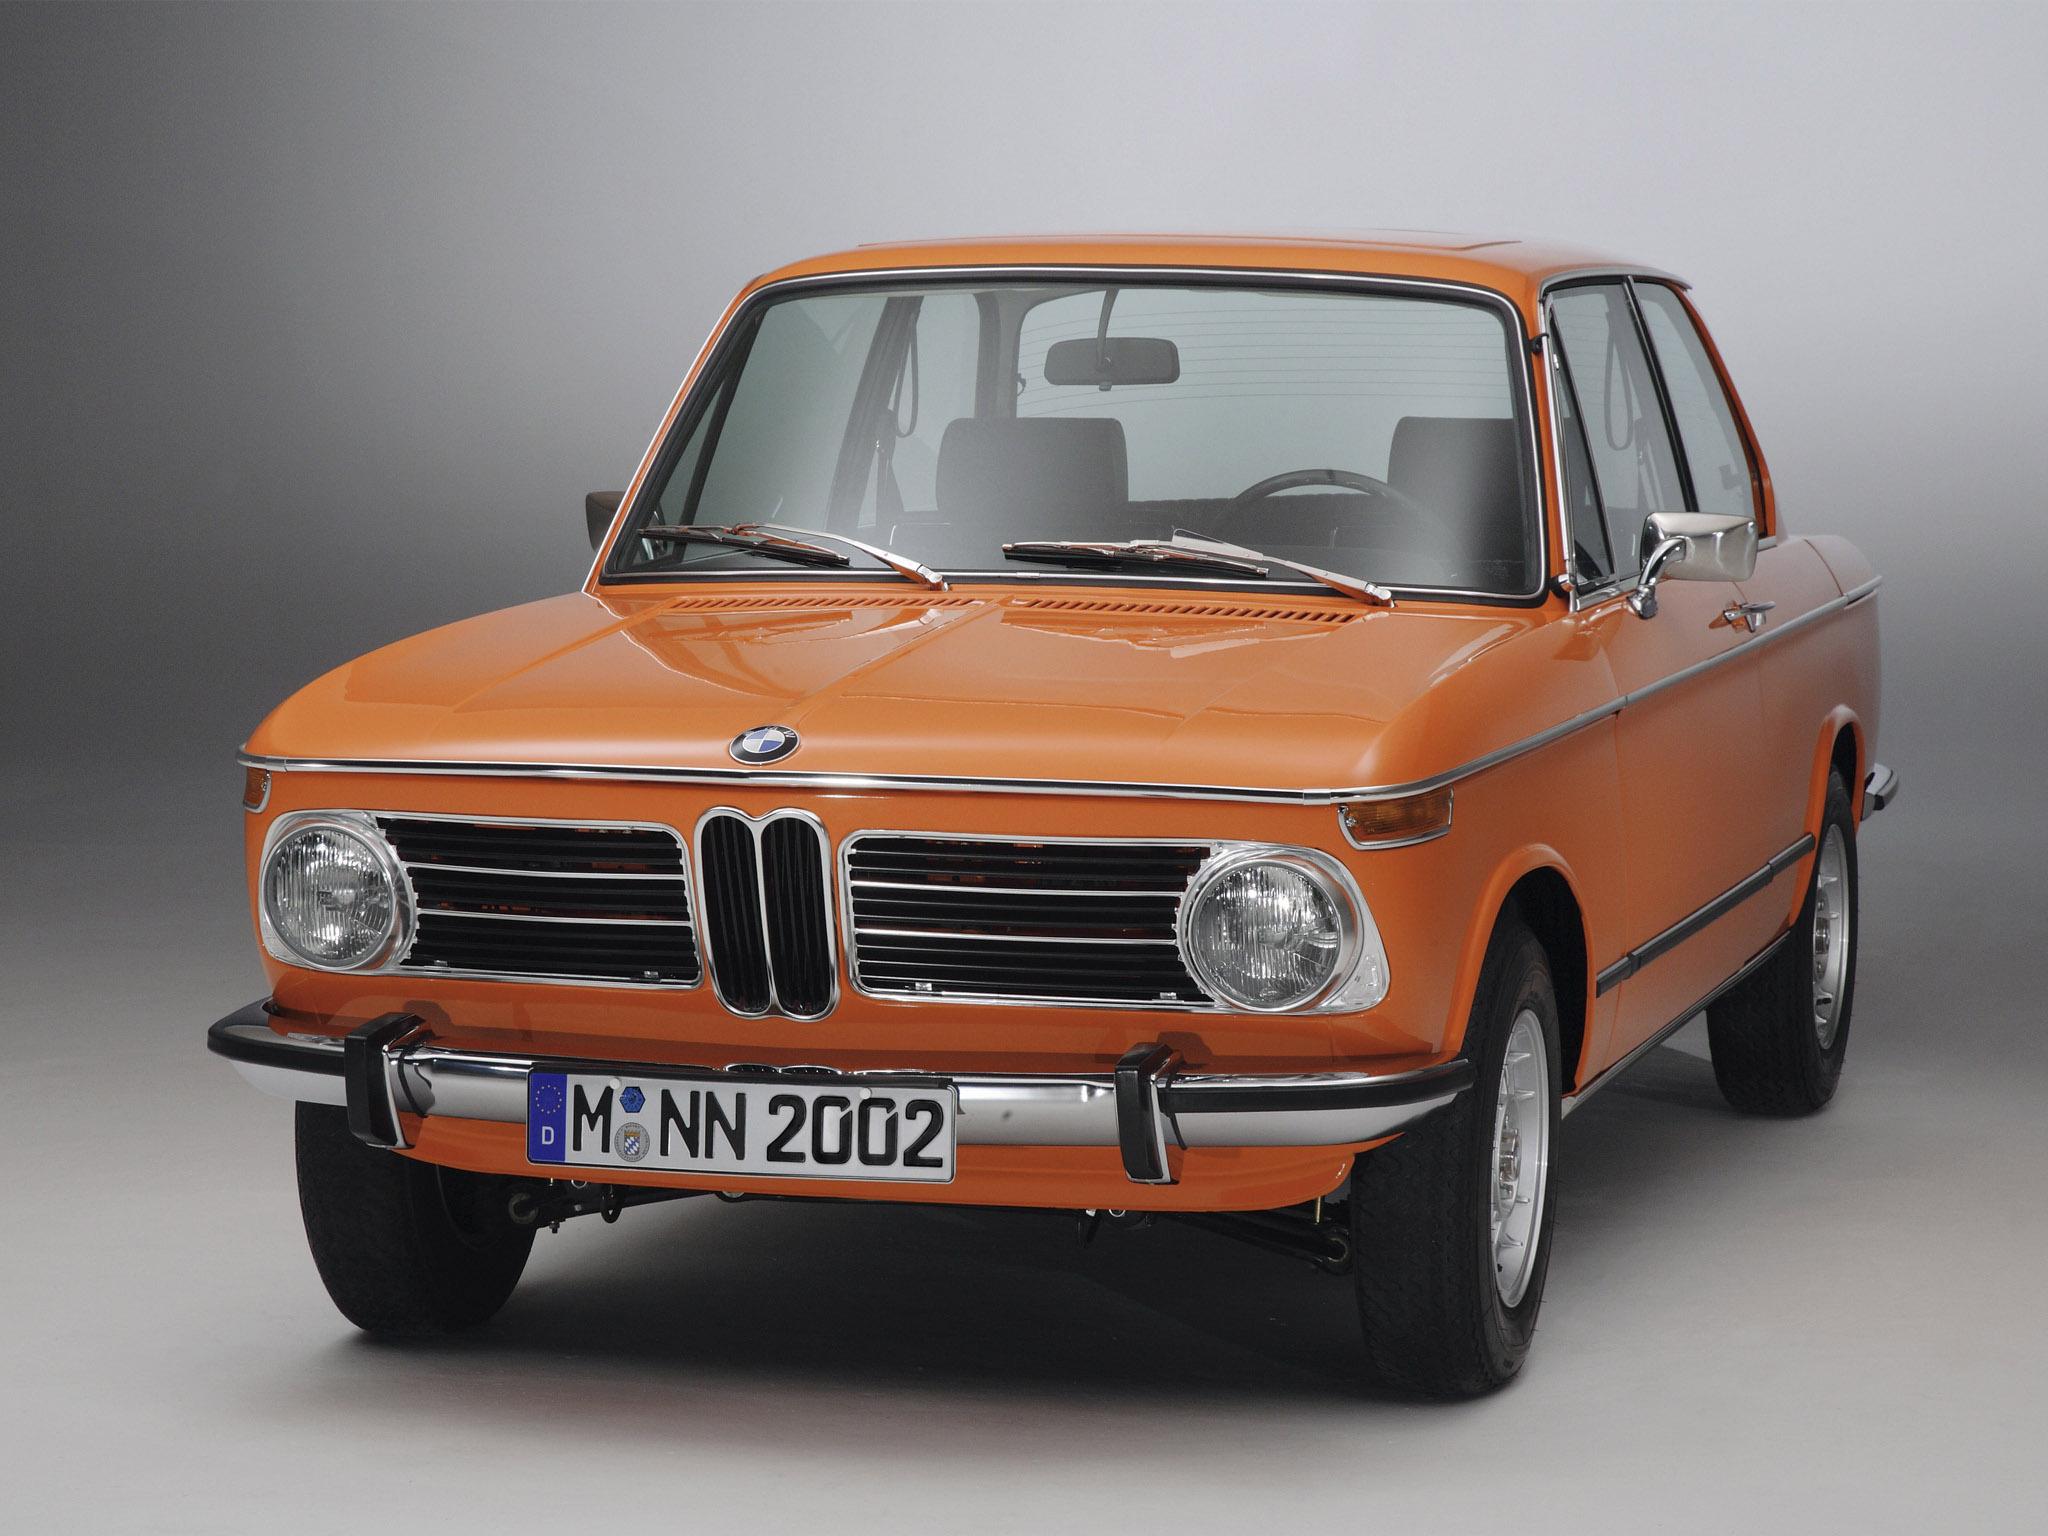 A ma is imádott 02-es széria: a hármas BMW édesapja.